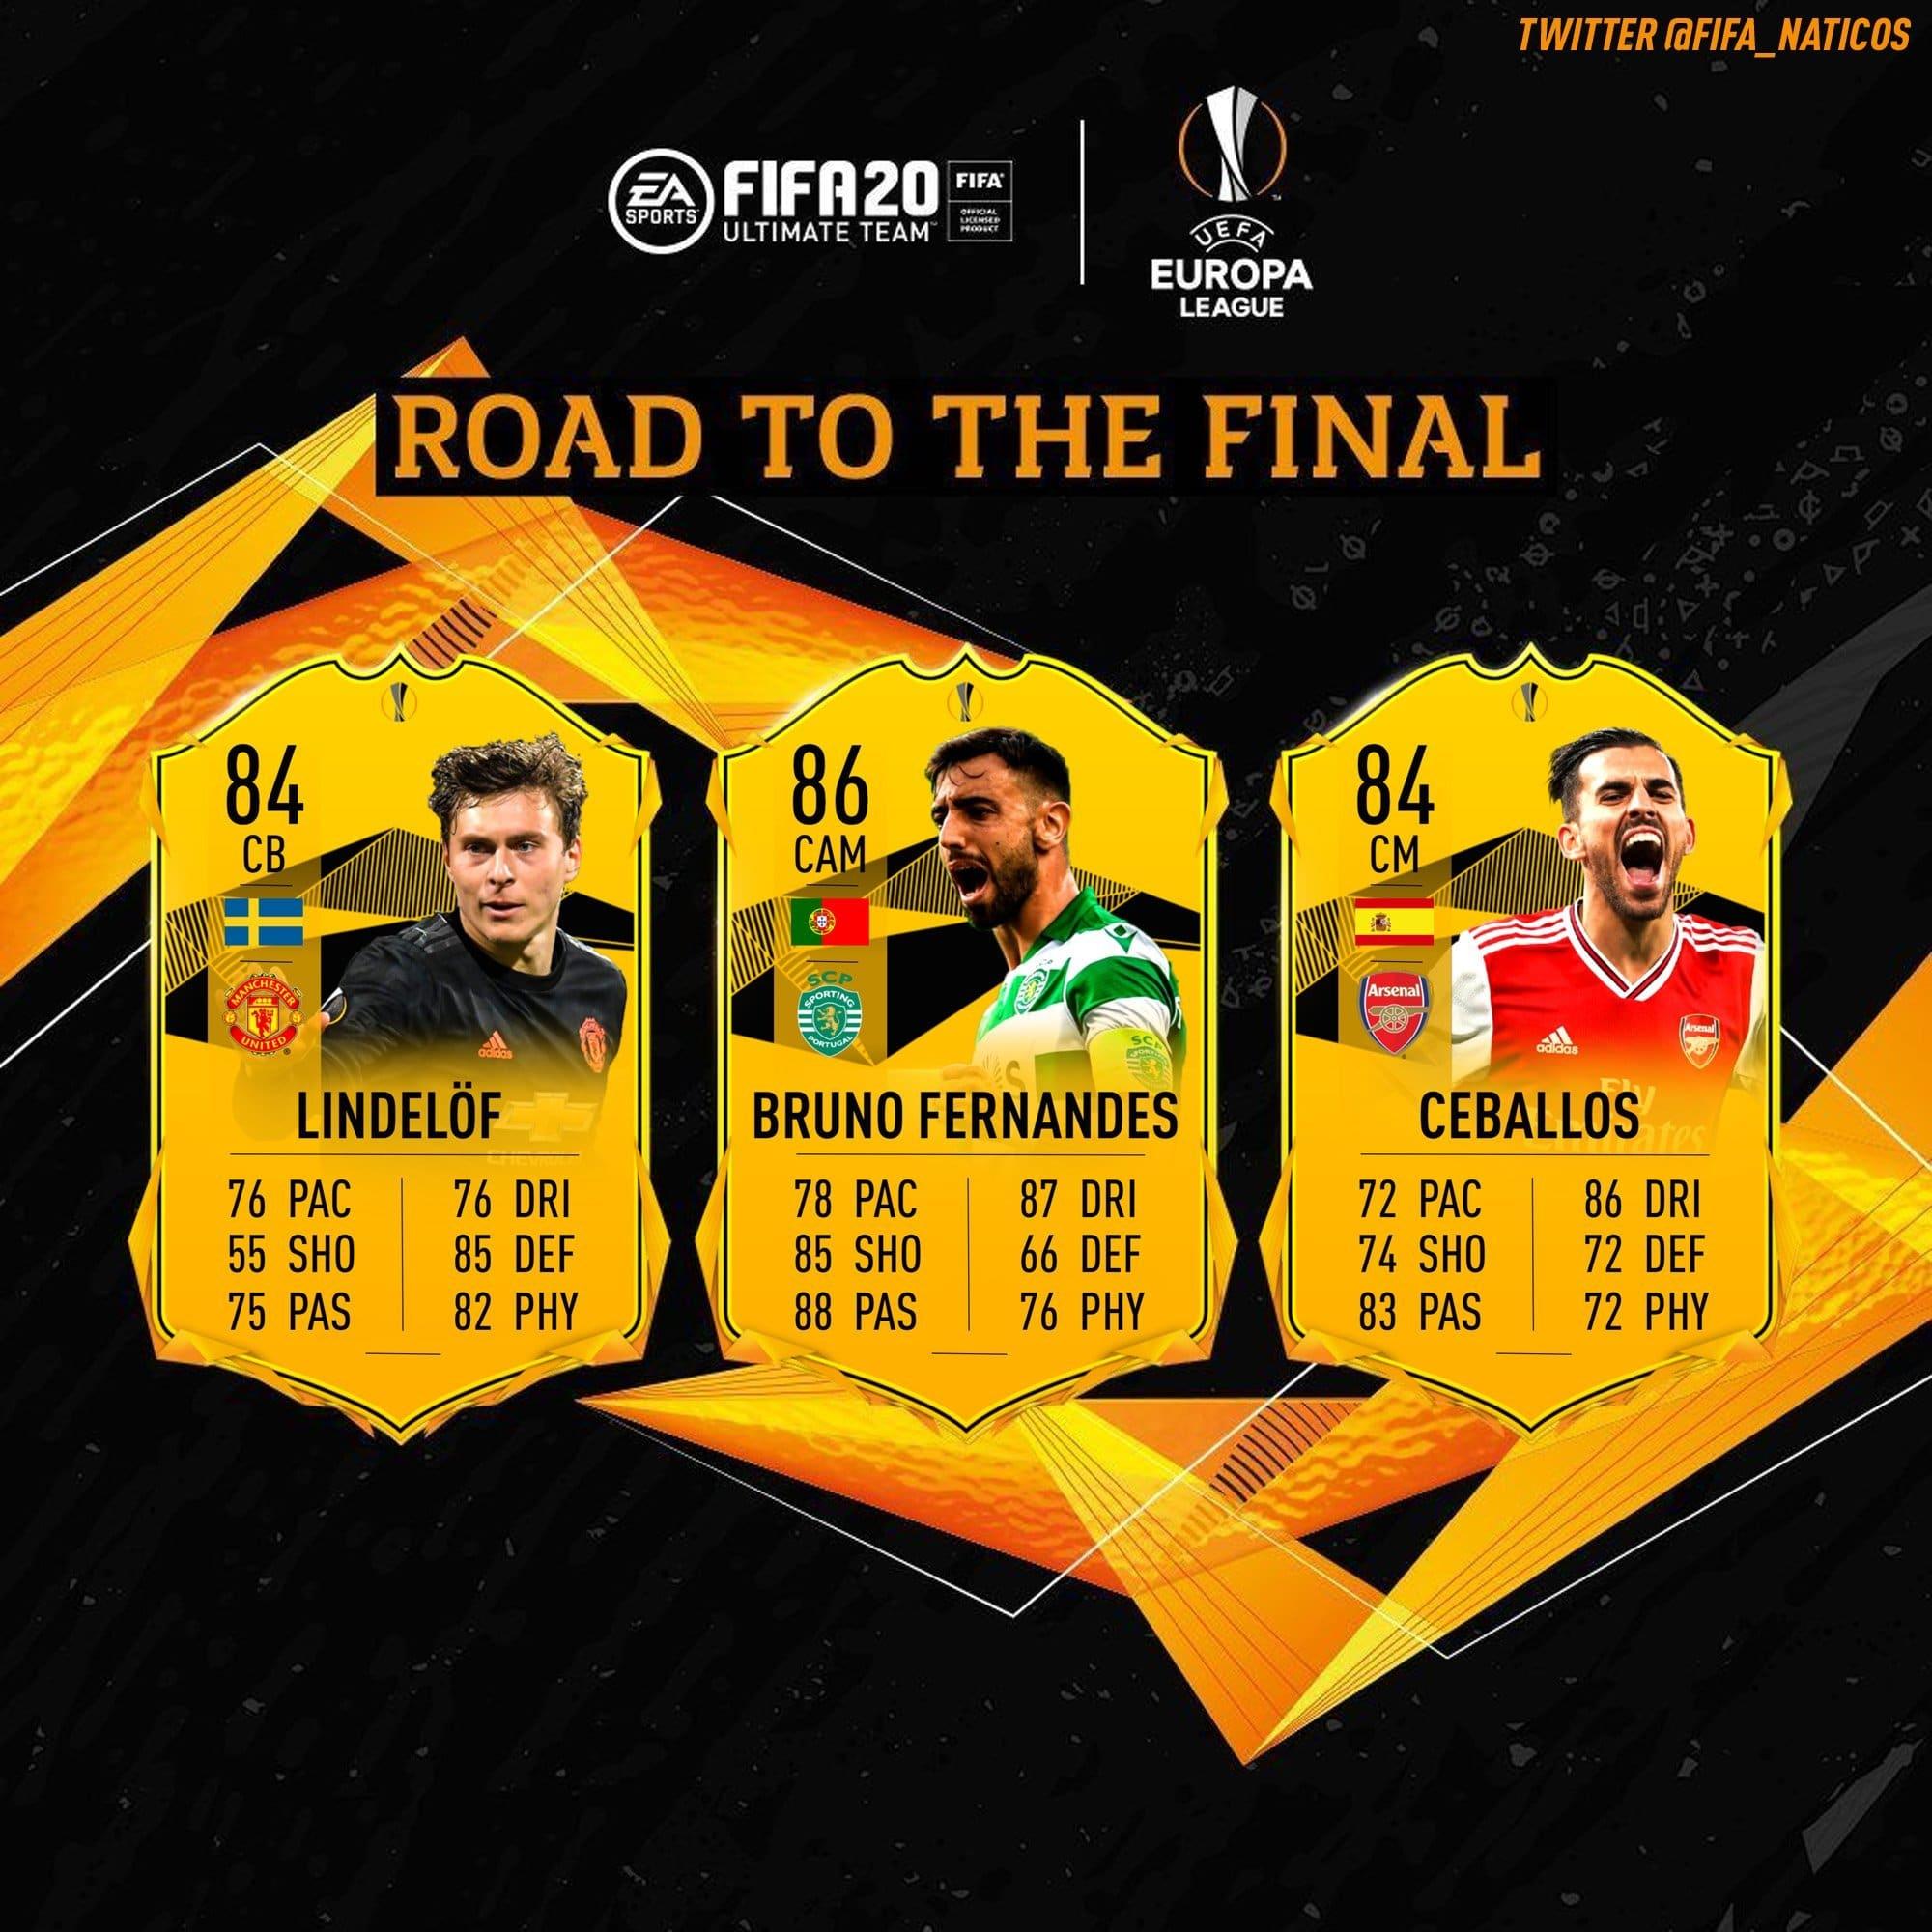 Prediccion Rumbo a la Final UEL FIFA 20